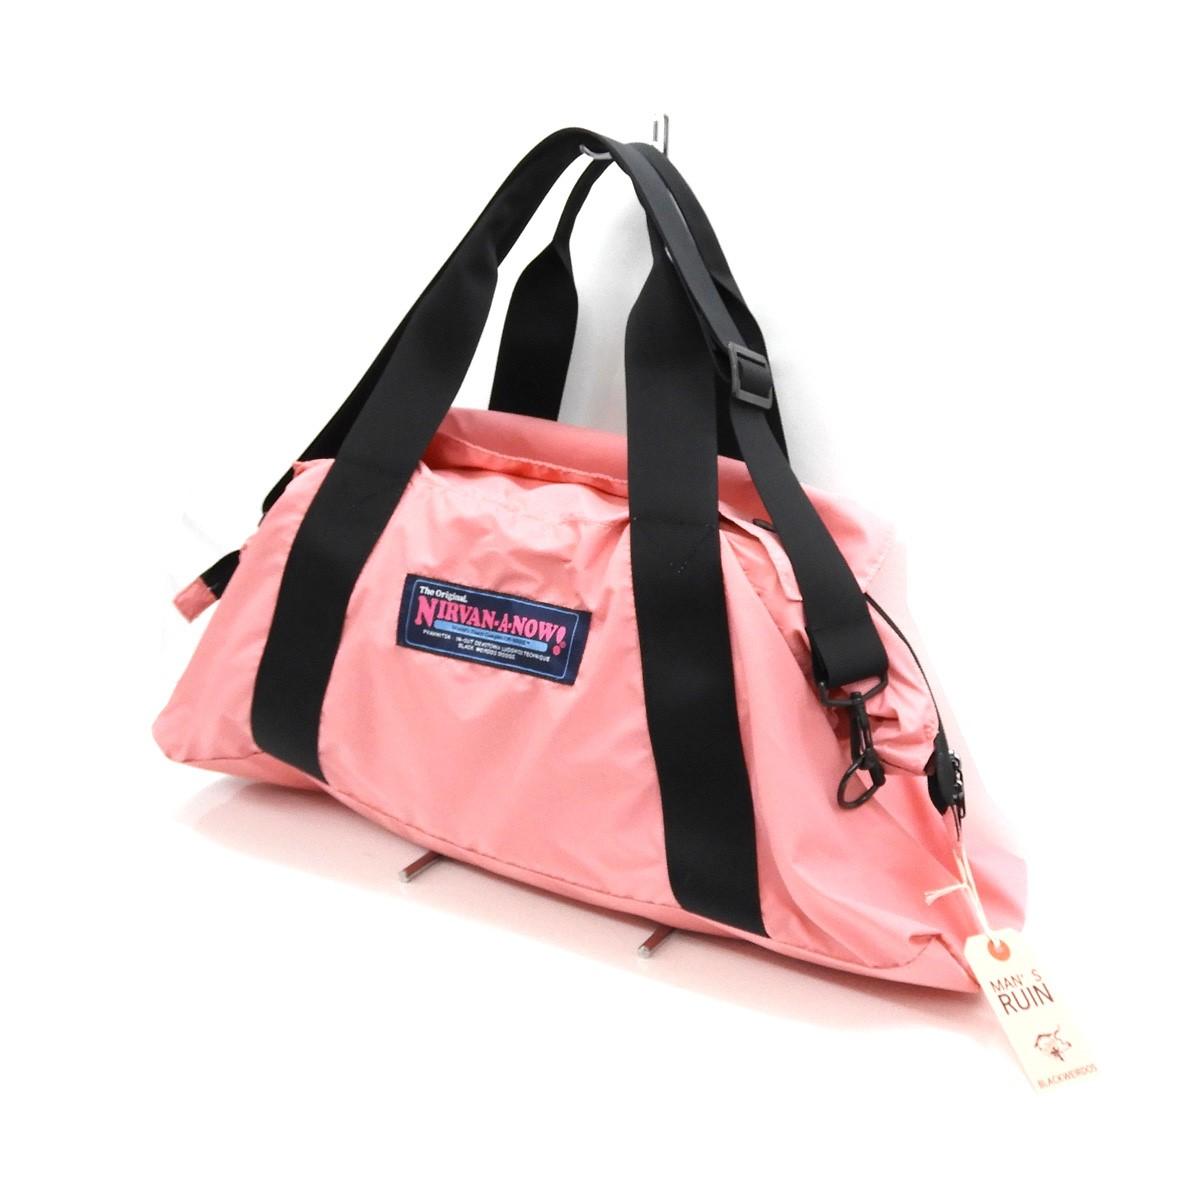 【中古】BLACK WEIRDOS 2020SS 「Smuggler Bag」ショルダーバッグ ピンク サイズ:- 【030520】(ブラックウィドウ)